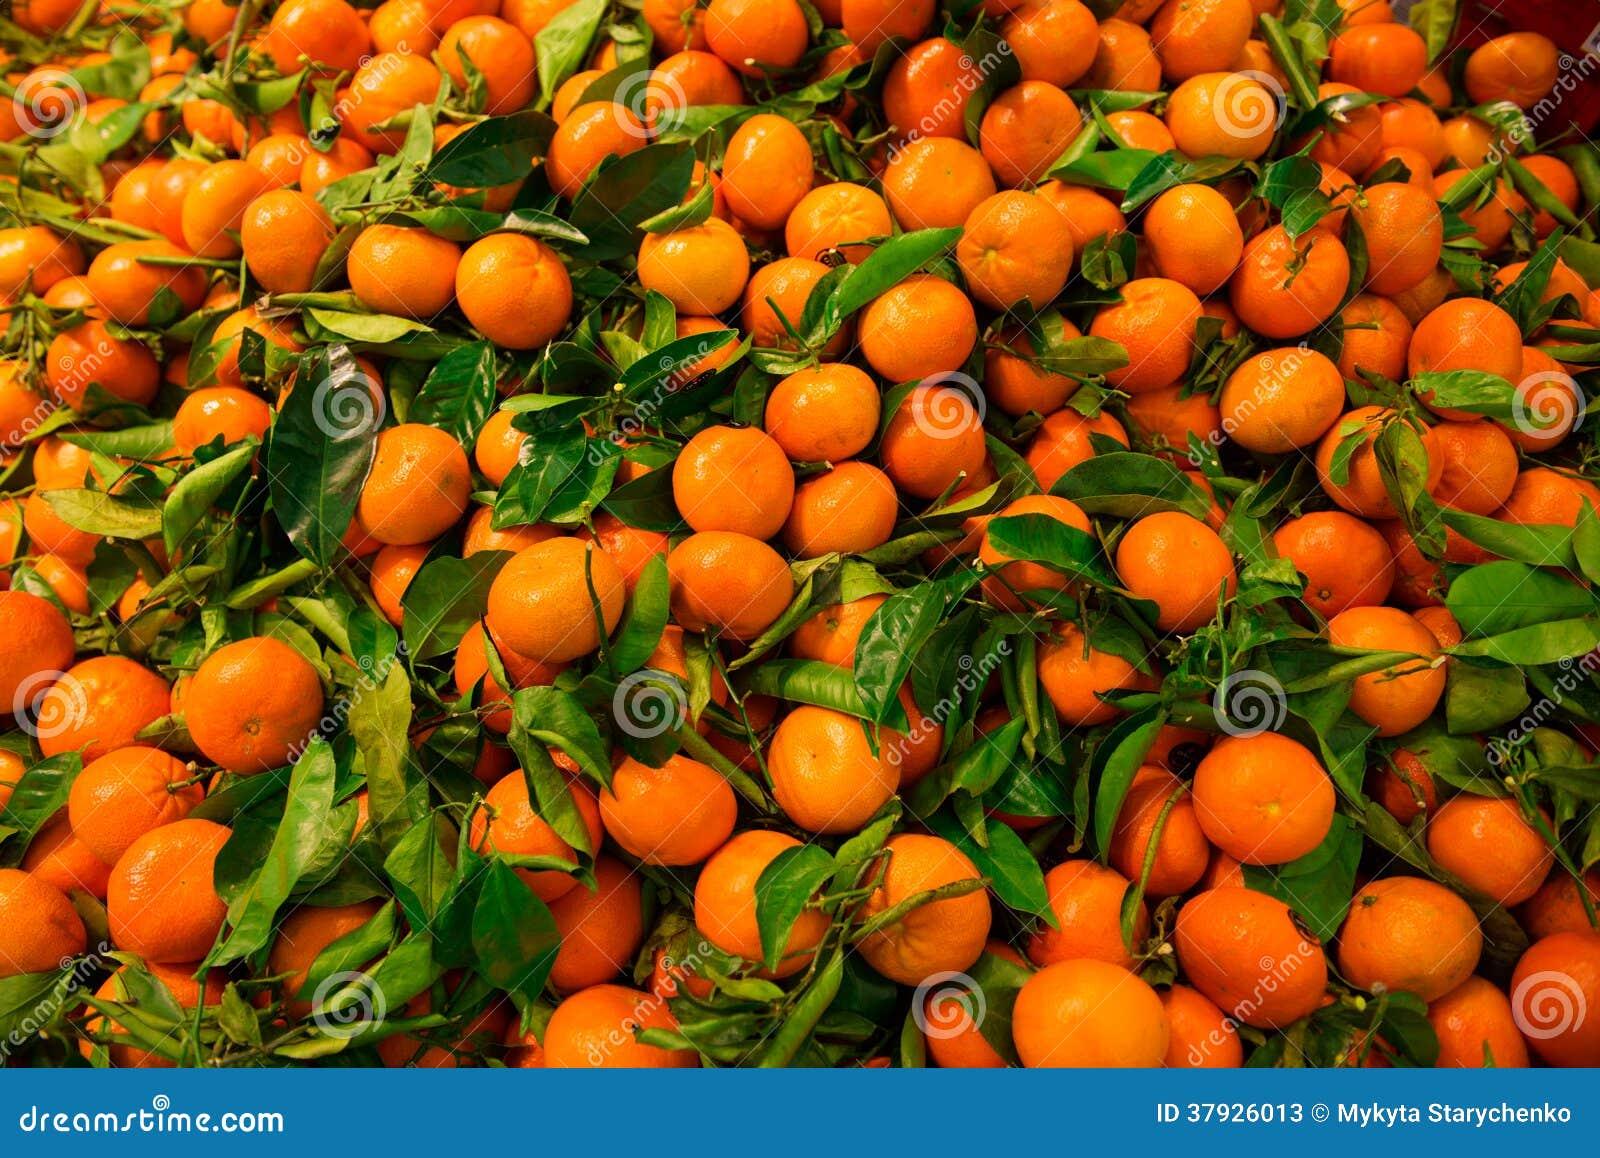 Пук свежего мандарина с листьями